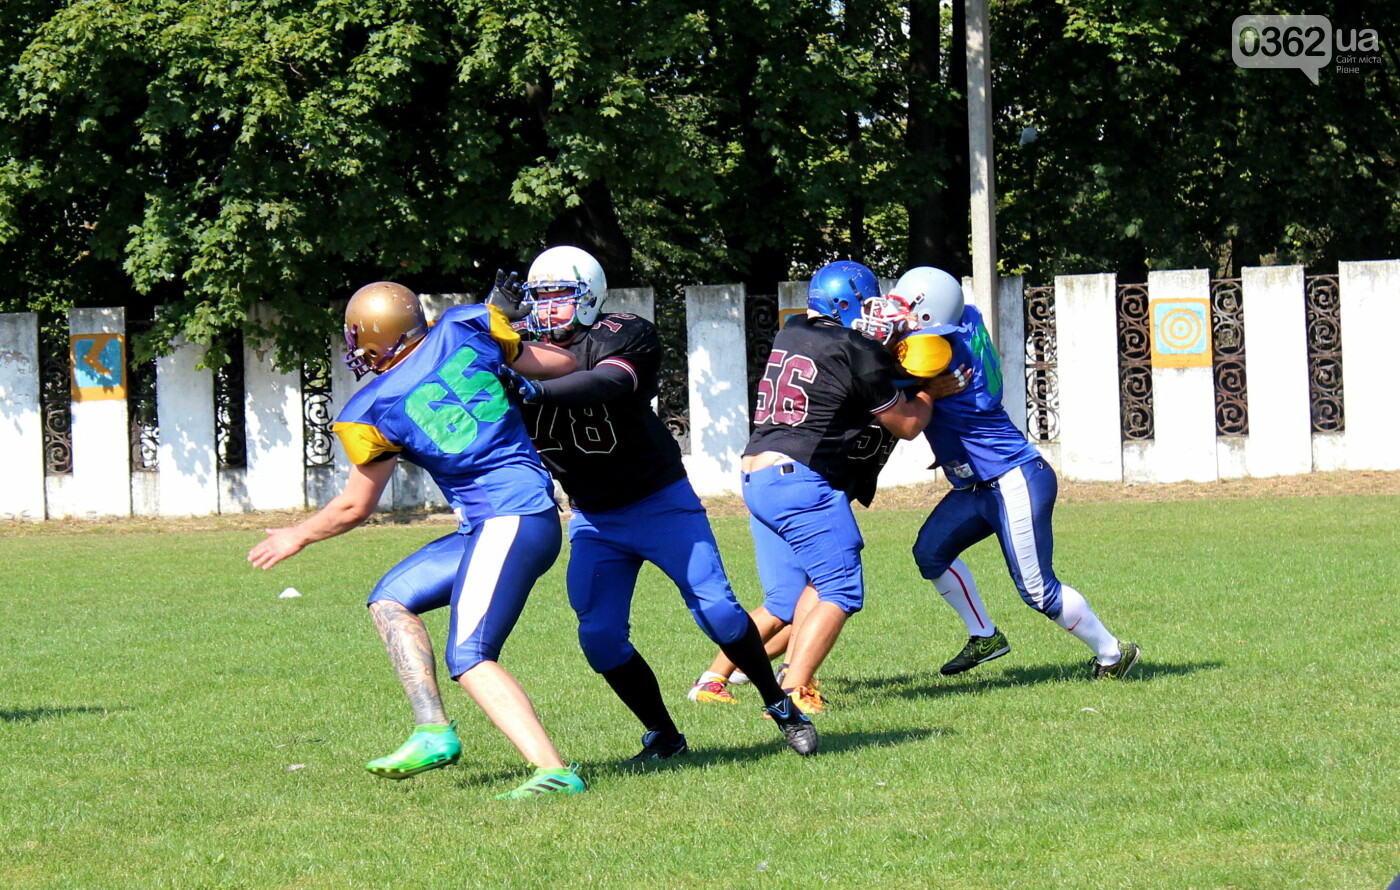 Як у Здолбунові в американський футбол зіграли (ФОТОРЕПОРТАЖ)  , фото-7